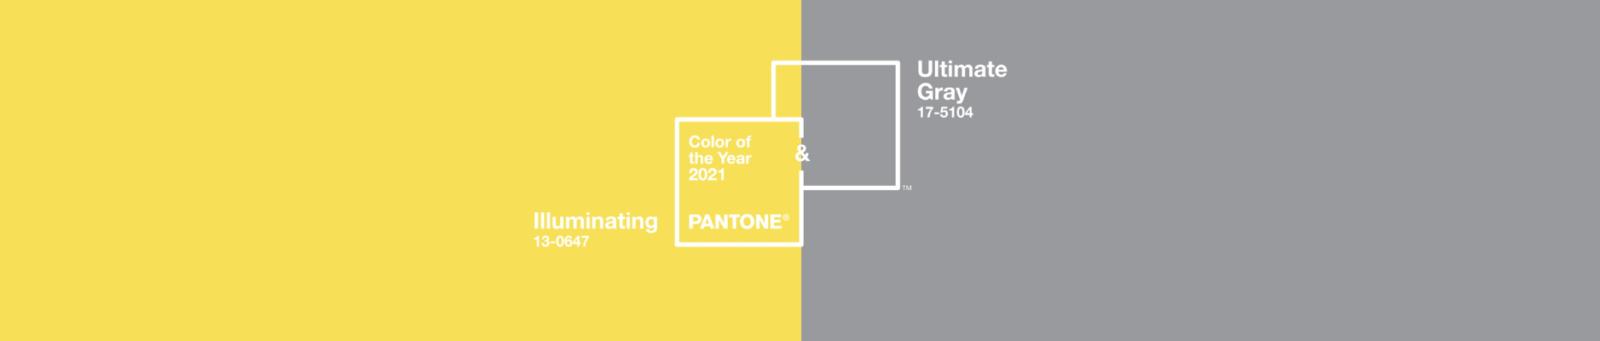 cover couleurs année 2021 : jaune illuminating et gris Ultimate Gray